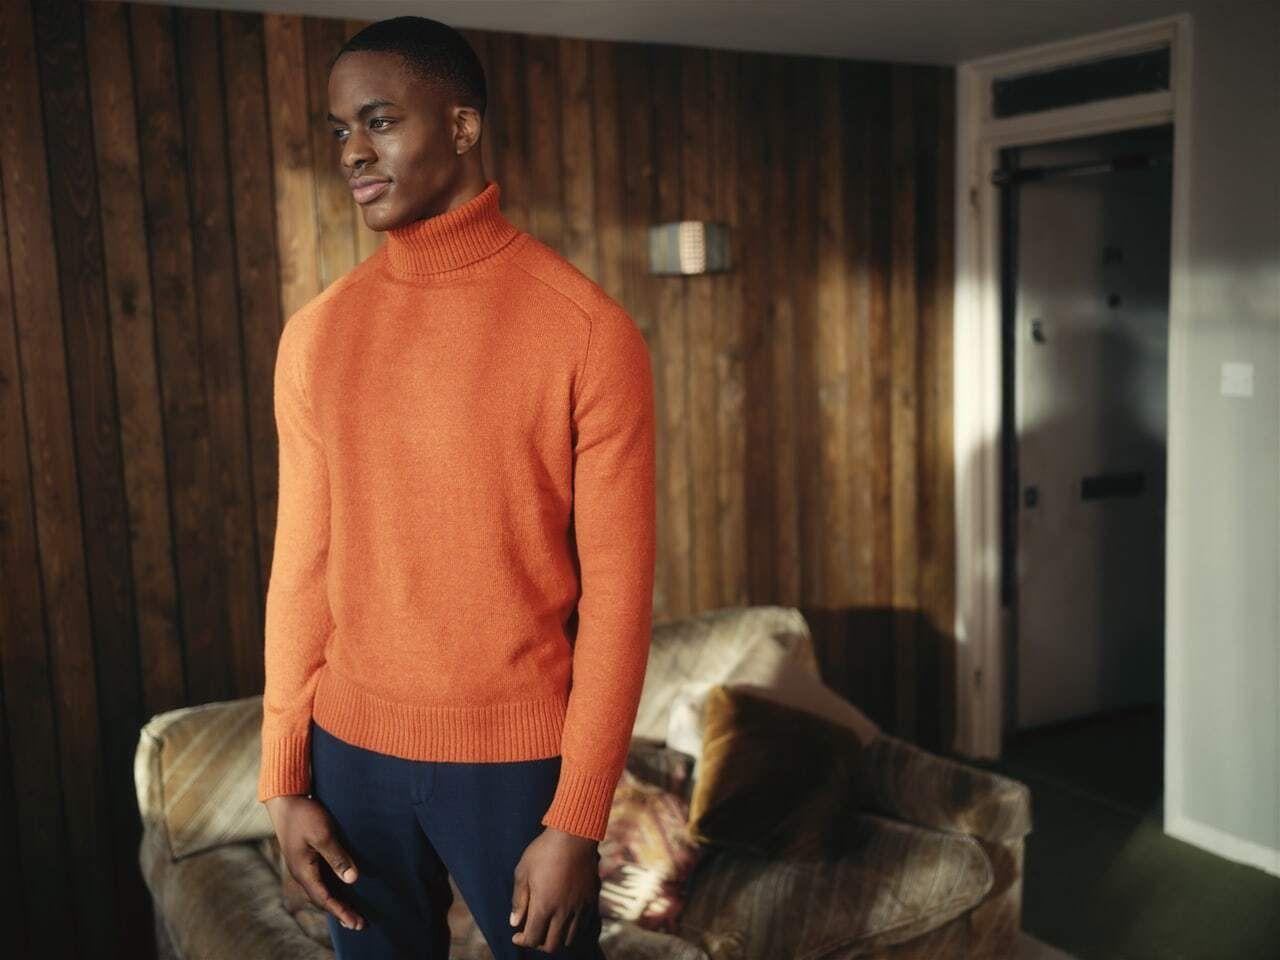 Módny reťazec H&M ti požičia oblek na pracovný pohovor úplne zadarmo